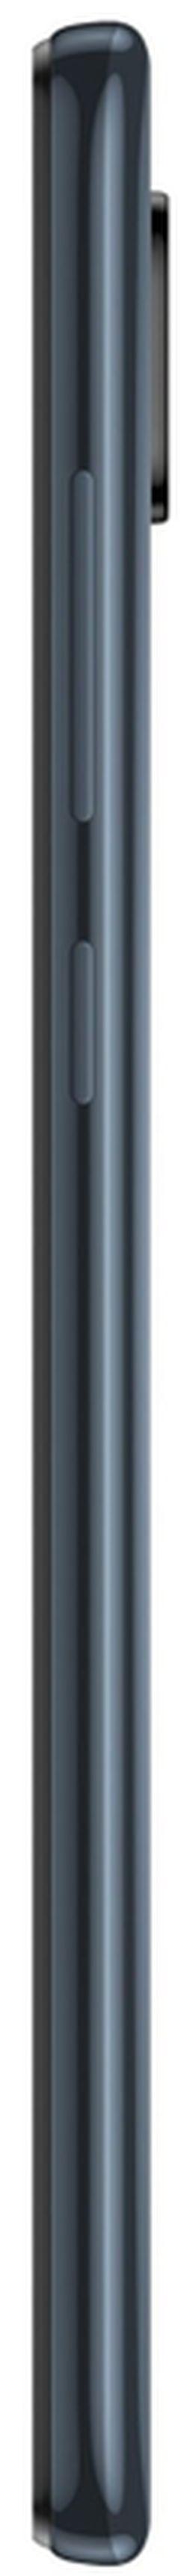 Мобильный телефон Xiaomi Redmi Note 9 4Gb/128Gb Black